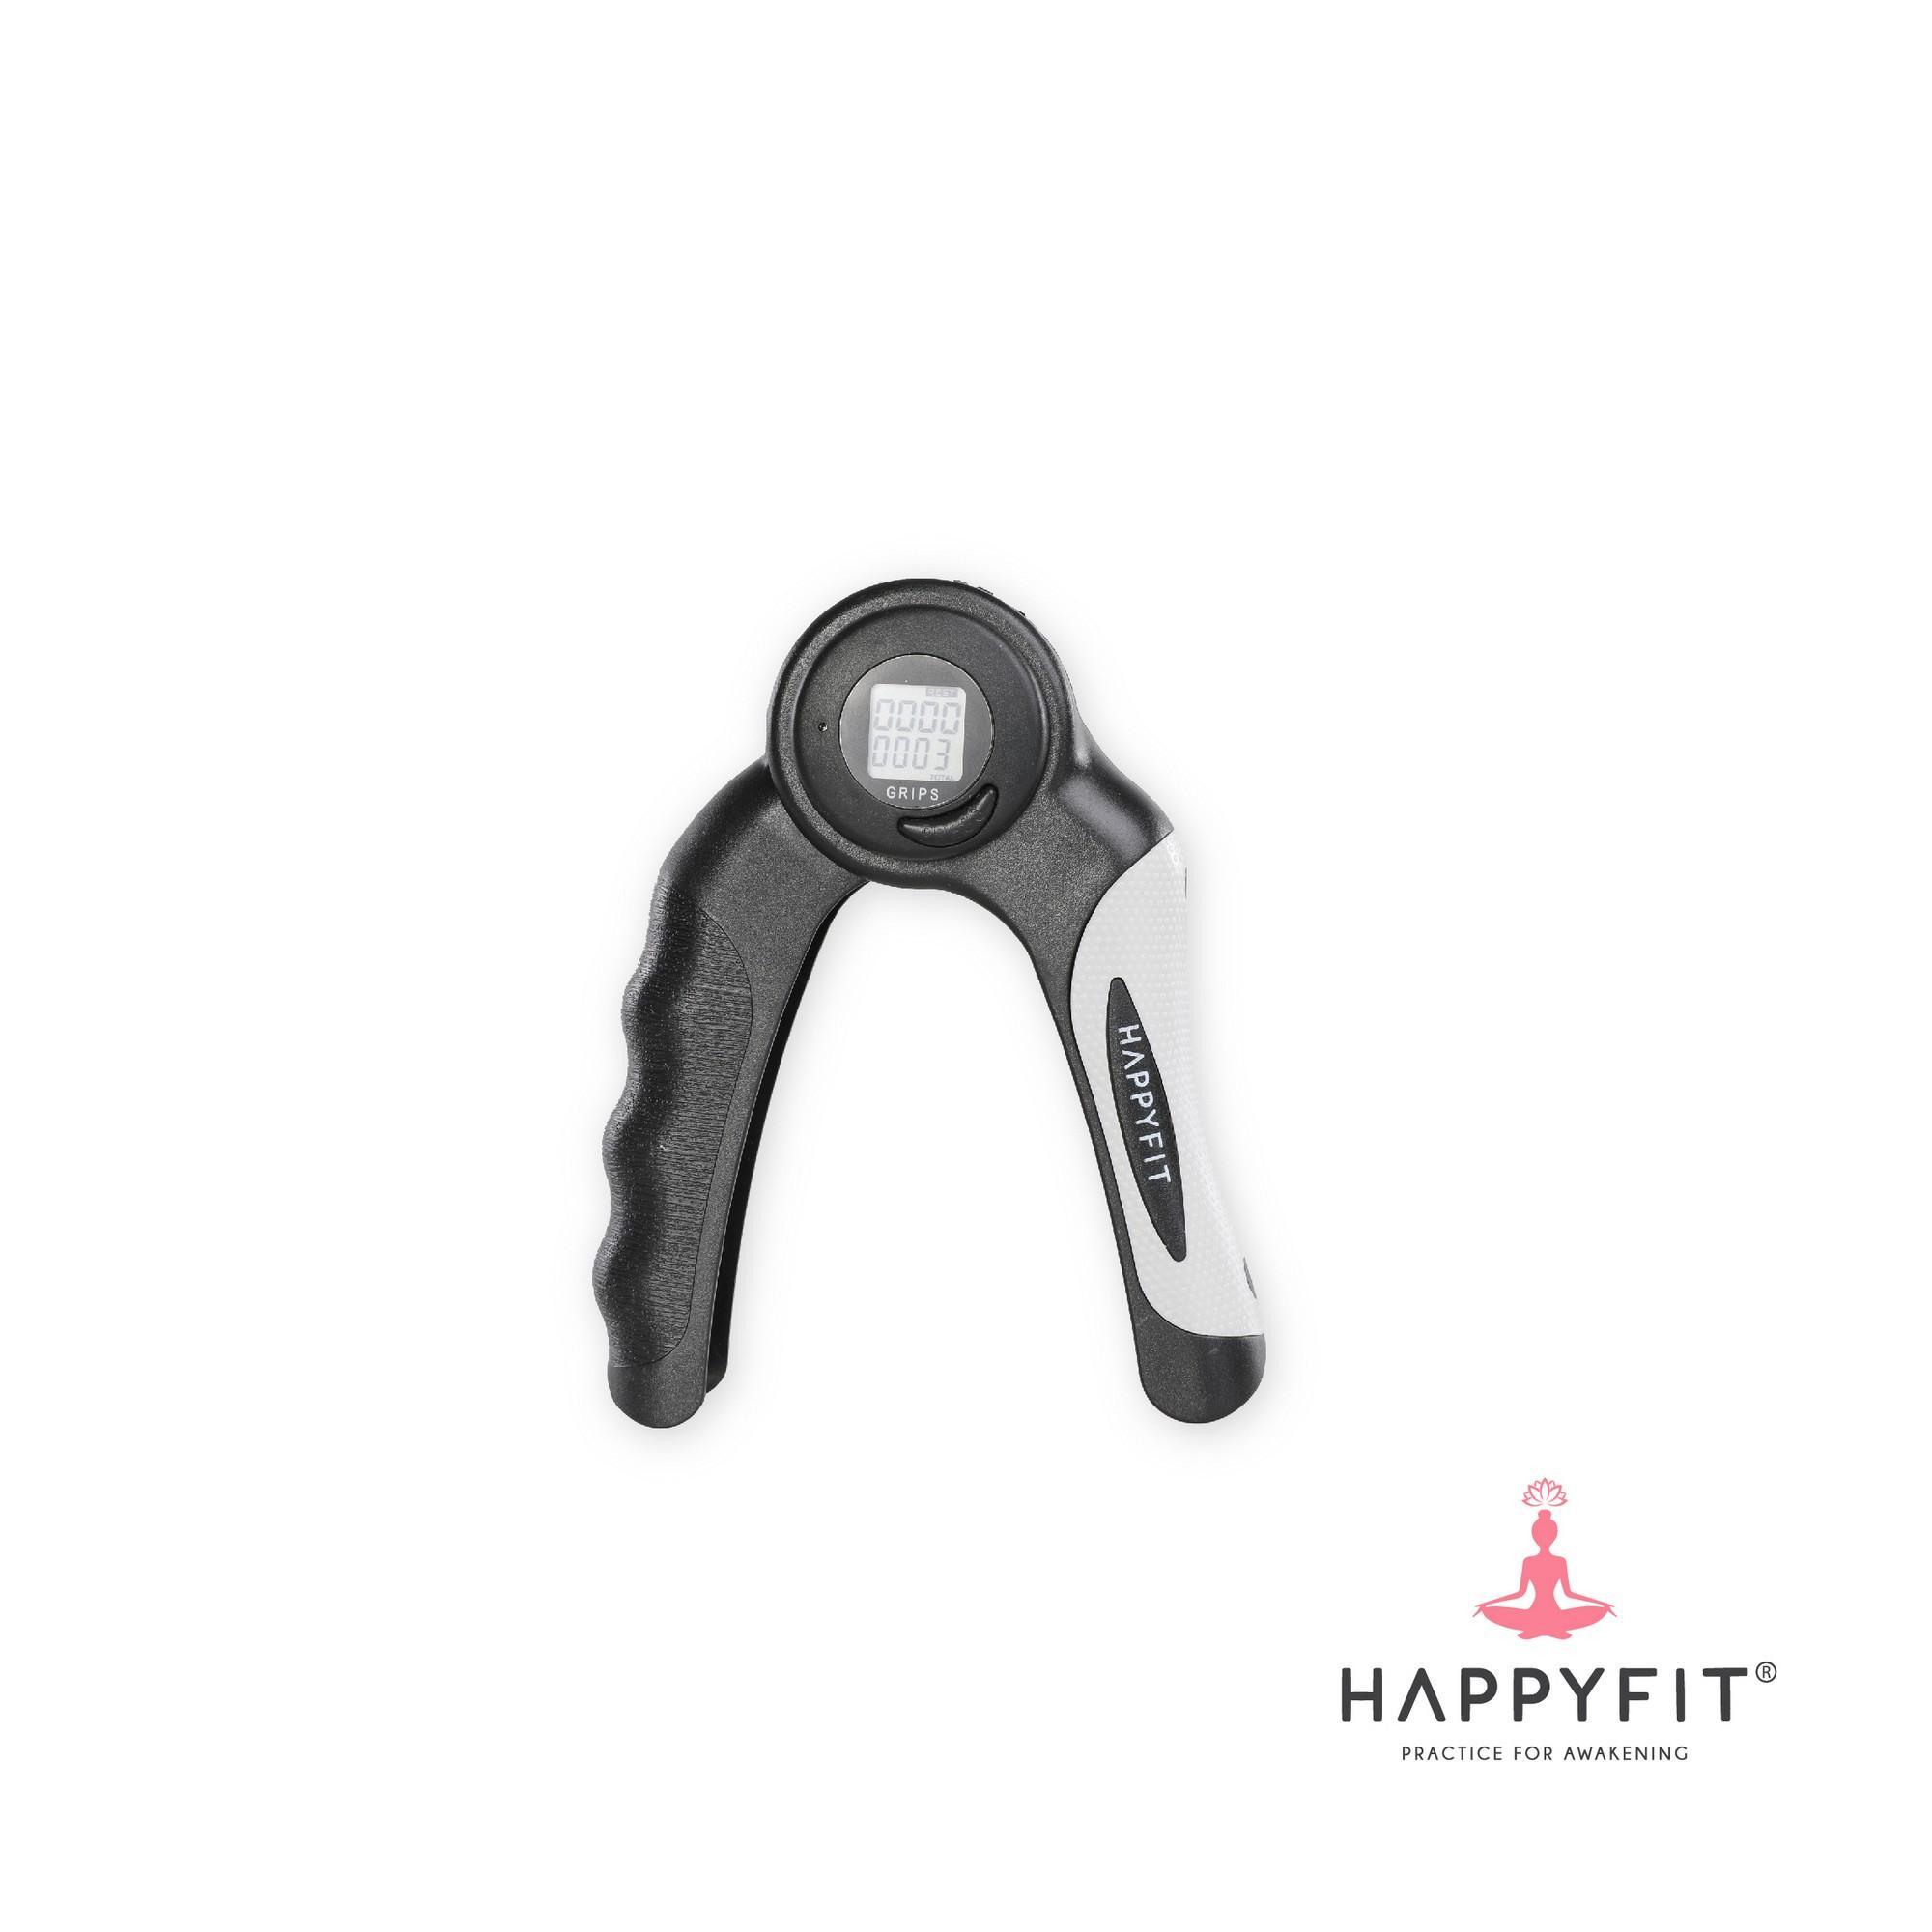 Happyfit High Quality Digital Hand Grip By Happyfit Indonesia.